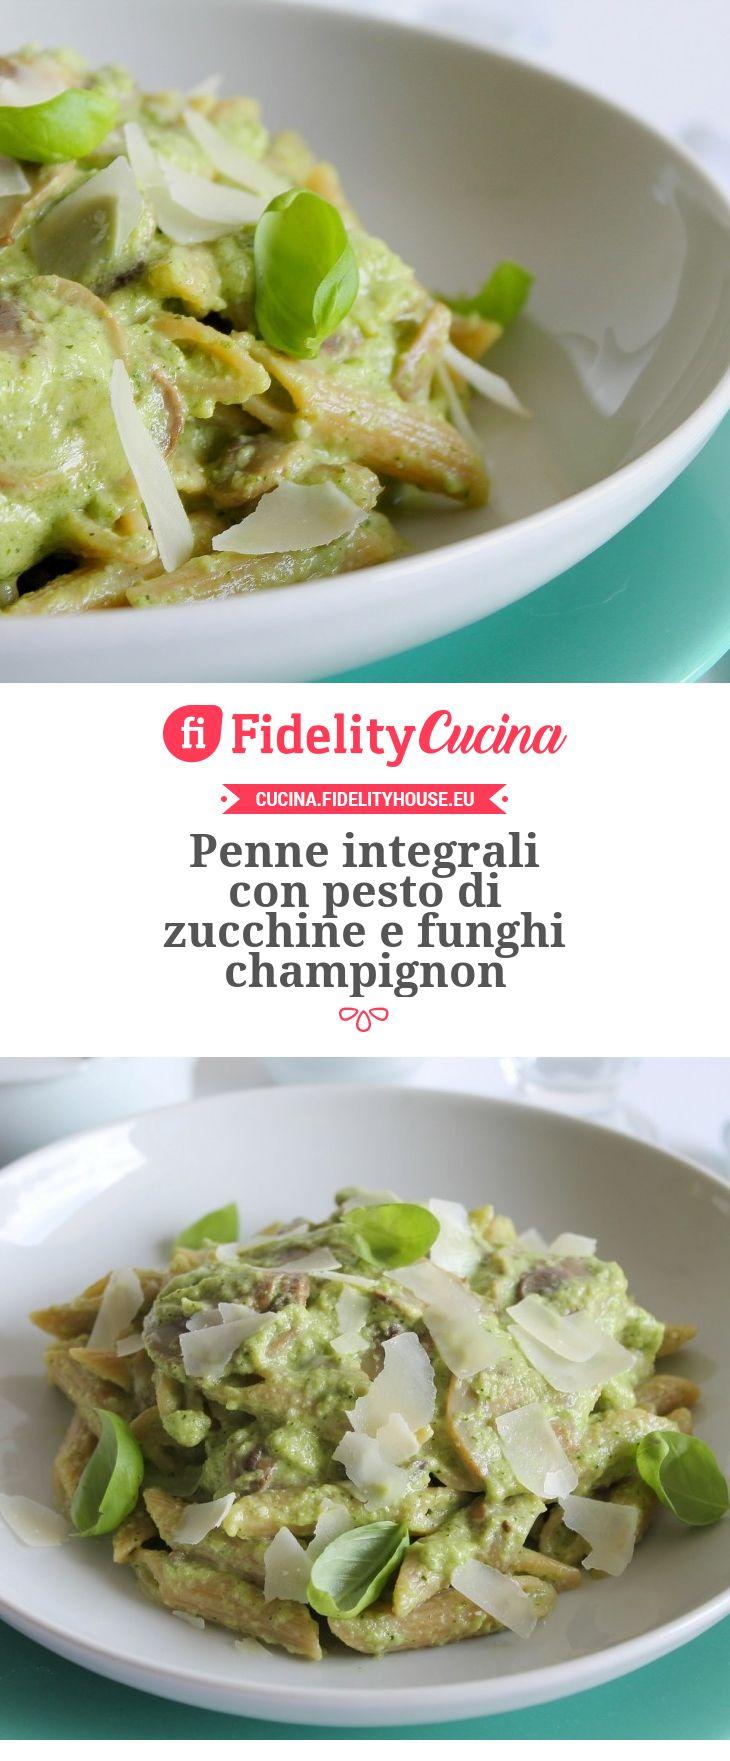 Penne integrali con pesto di zucchine e funghi champignon